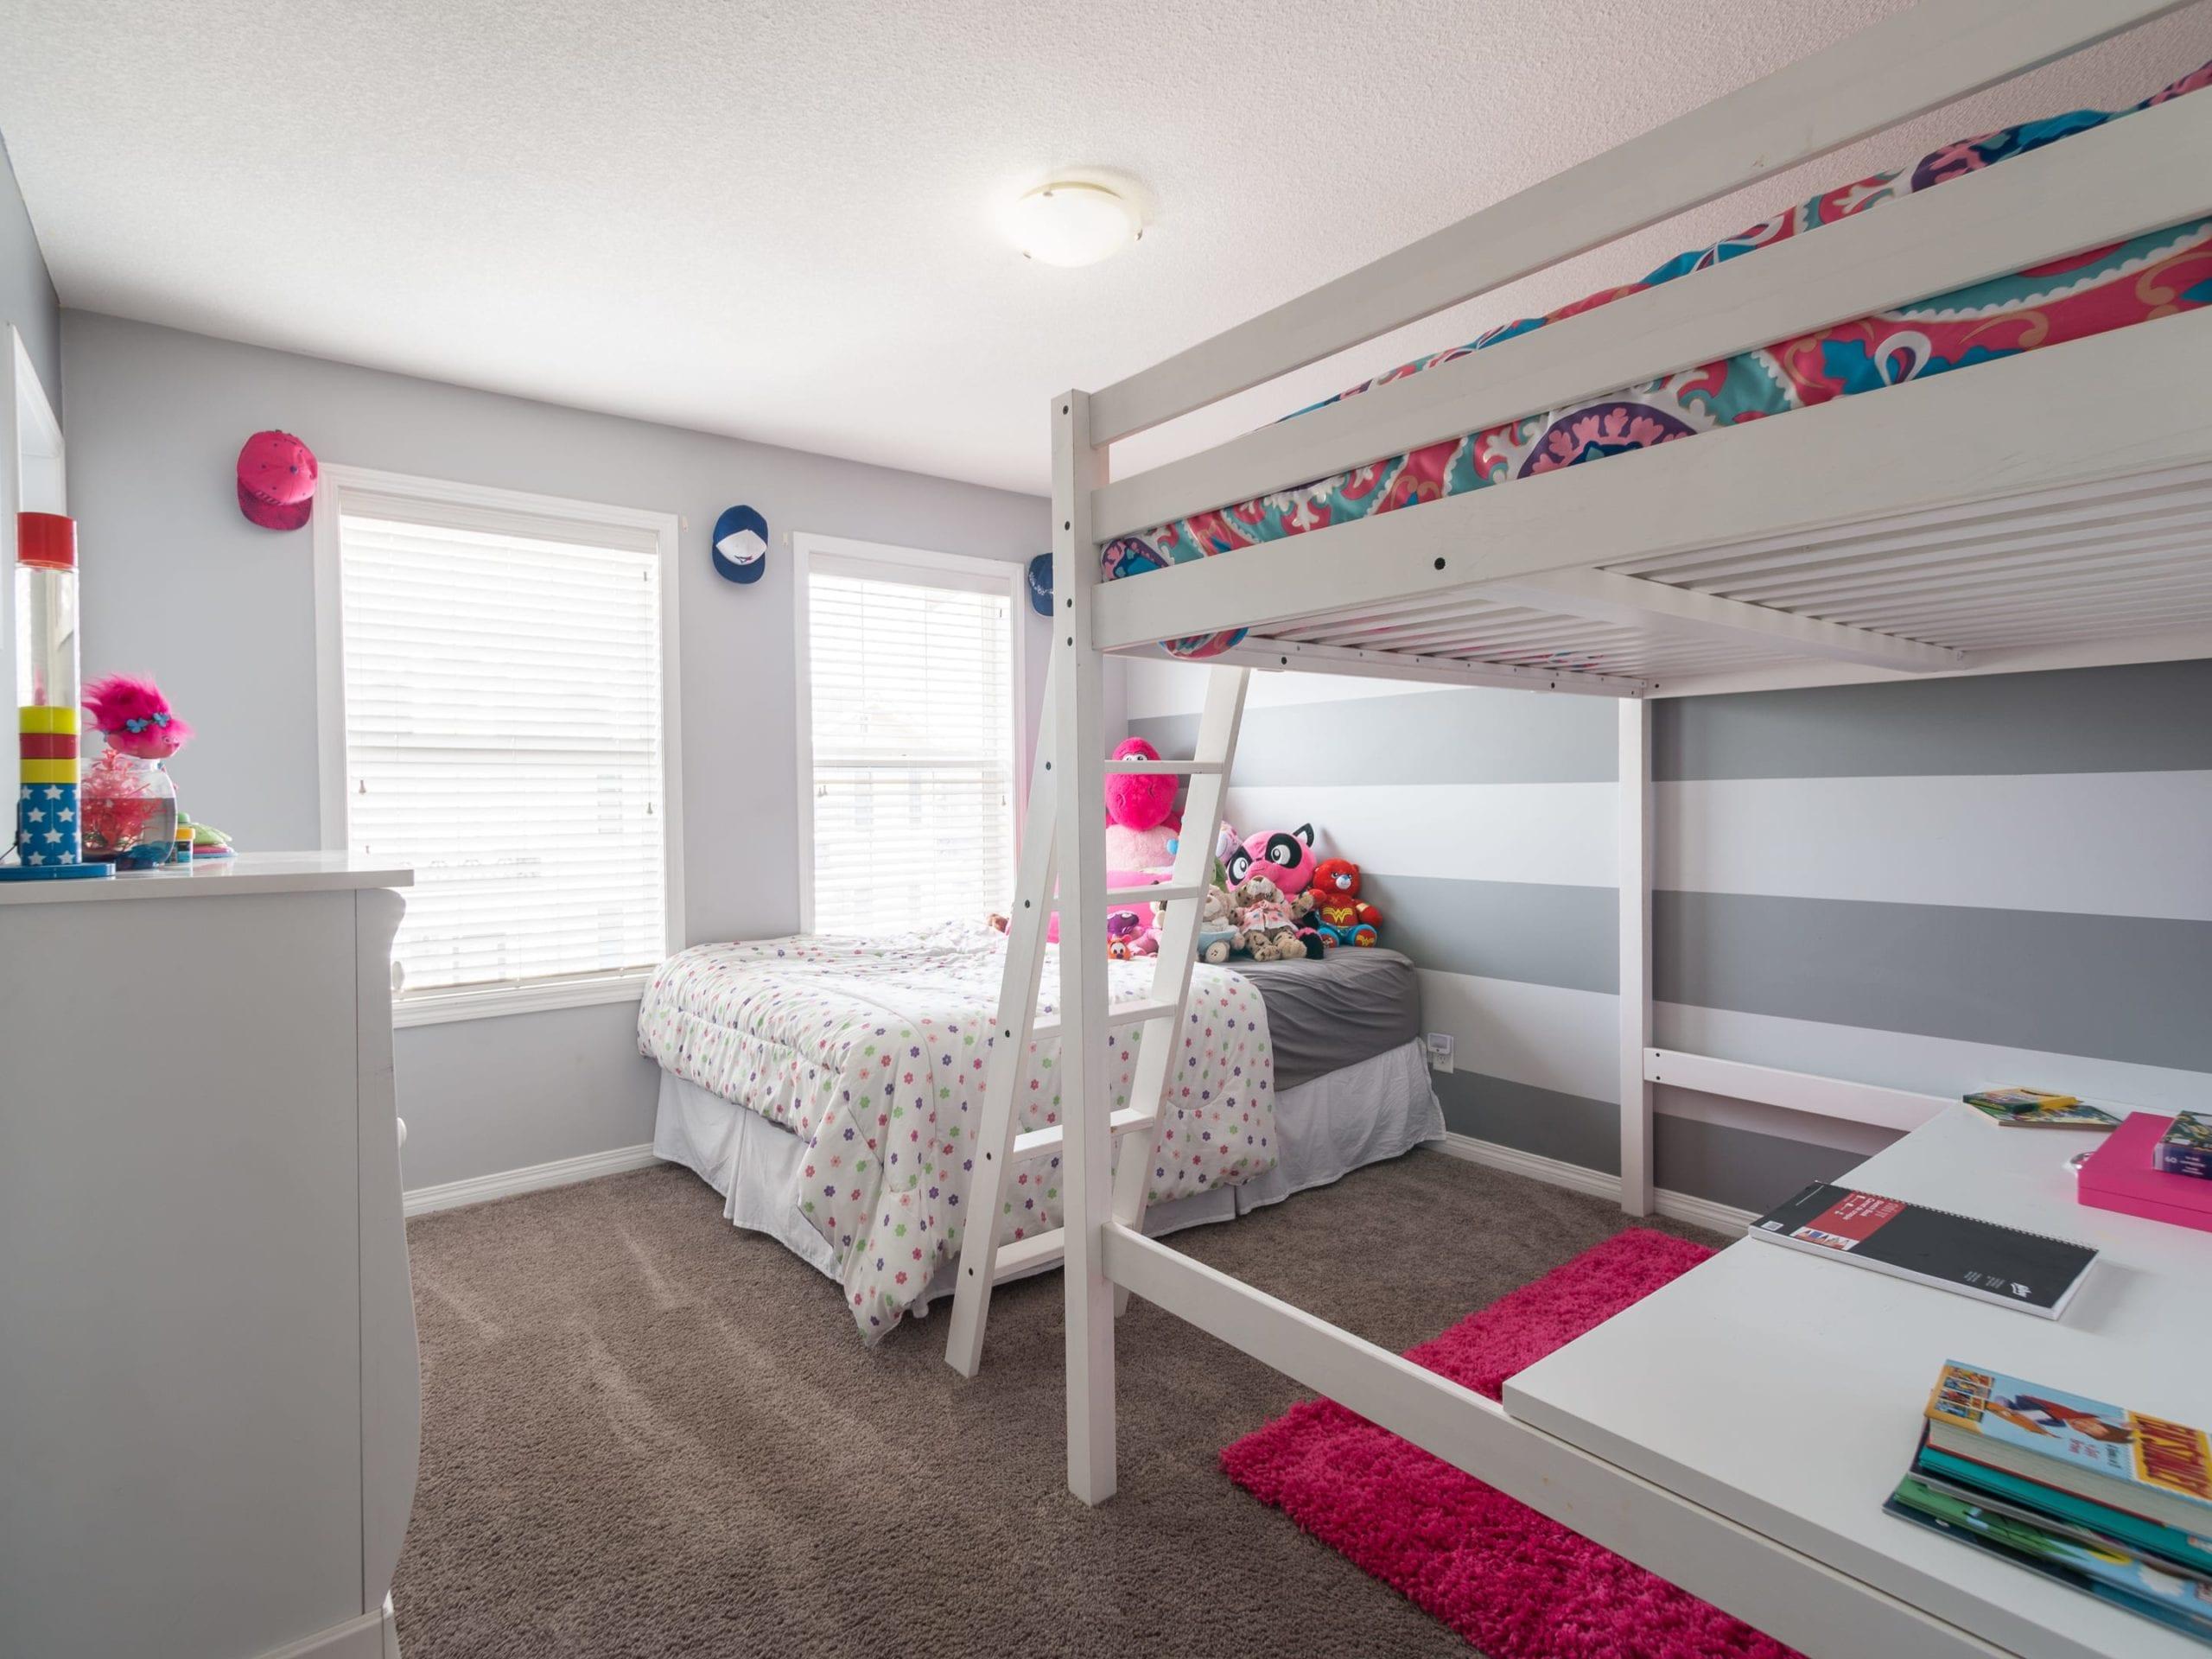 Hello Gorgeous - 1502 1001 8St NW - Tara Molina Real Estate (13 of 28)